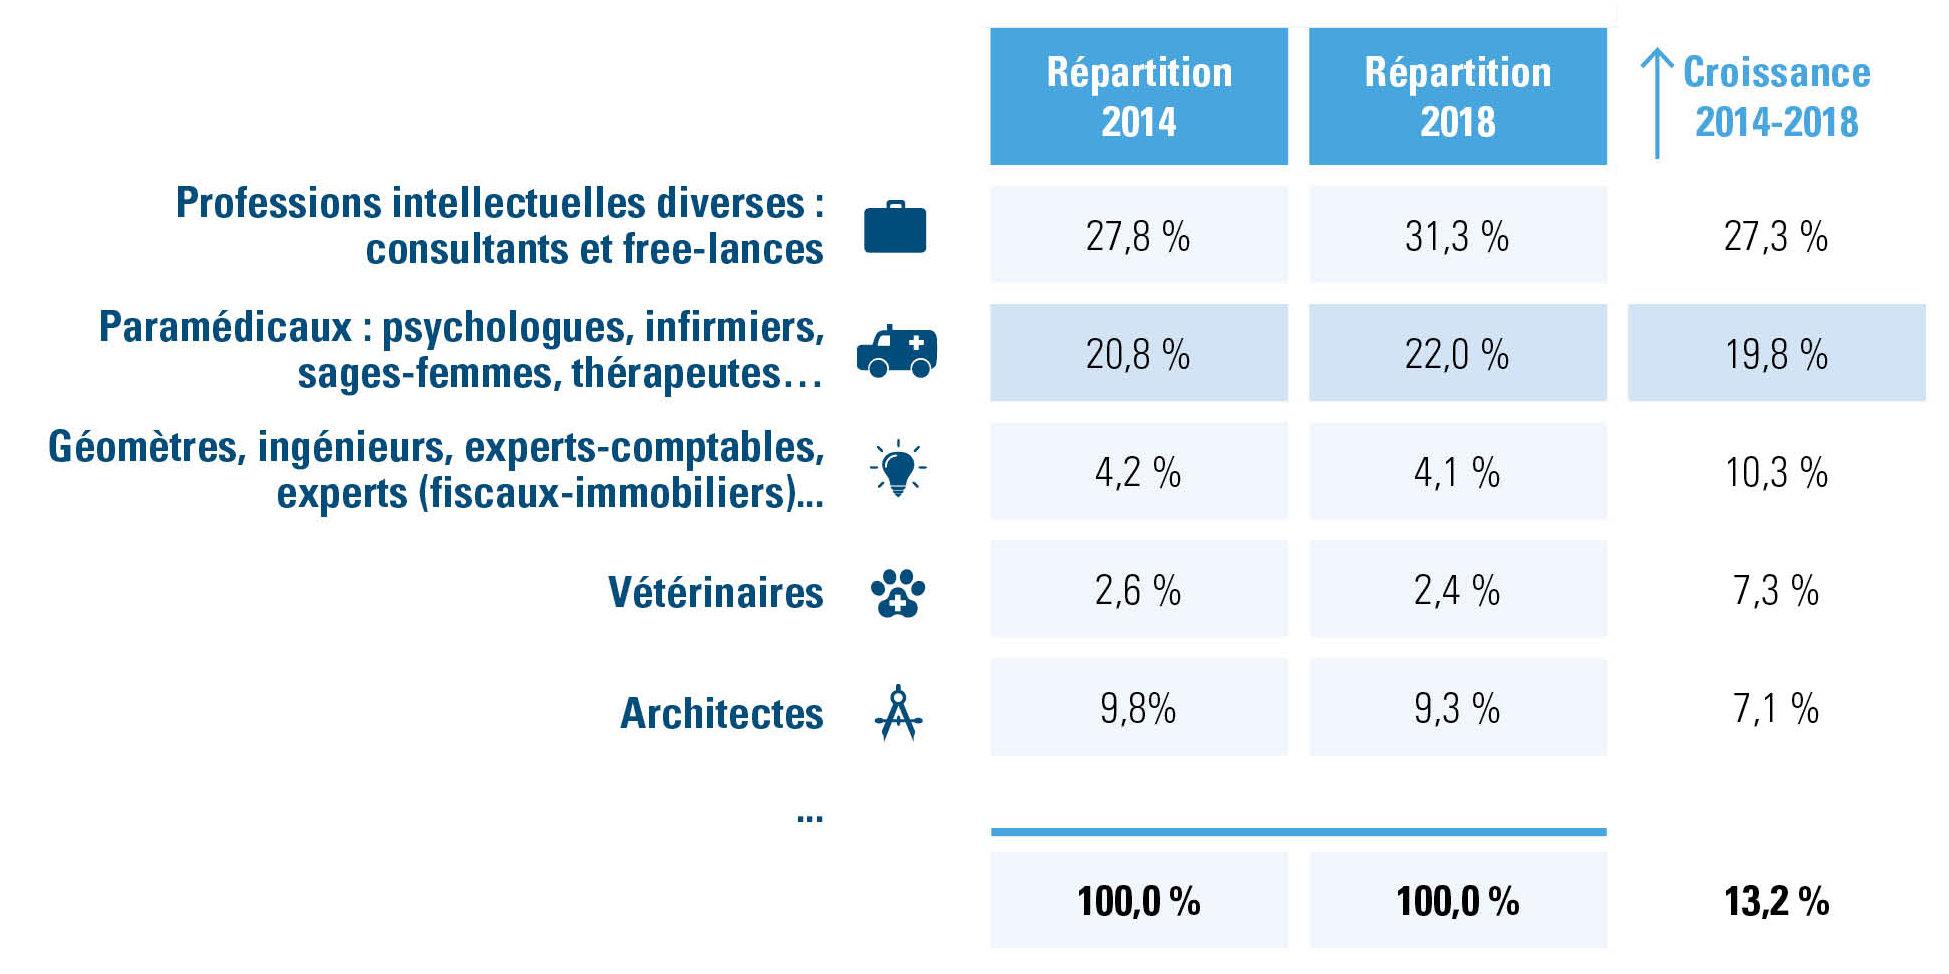 Professions libérales, répartition et croissances 2014-2018